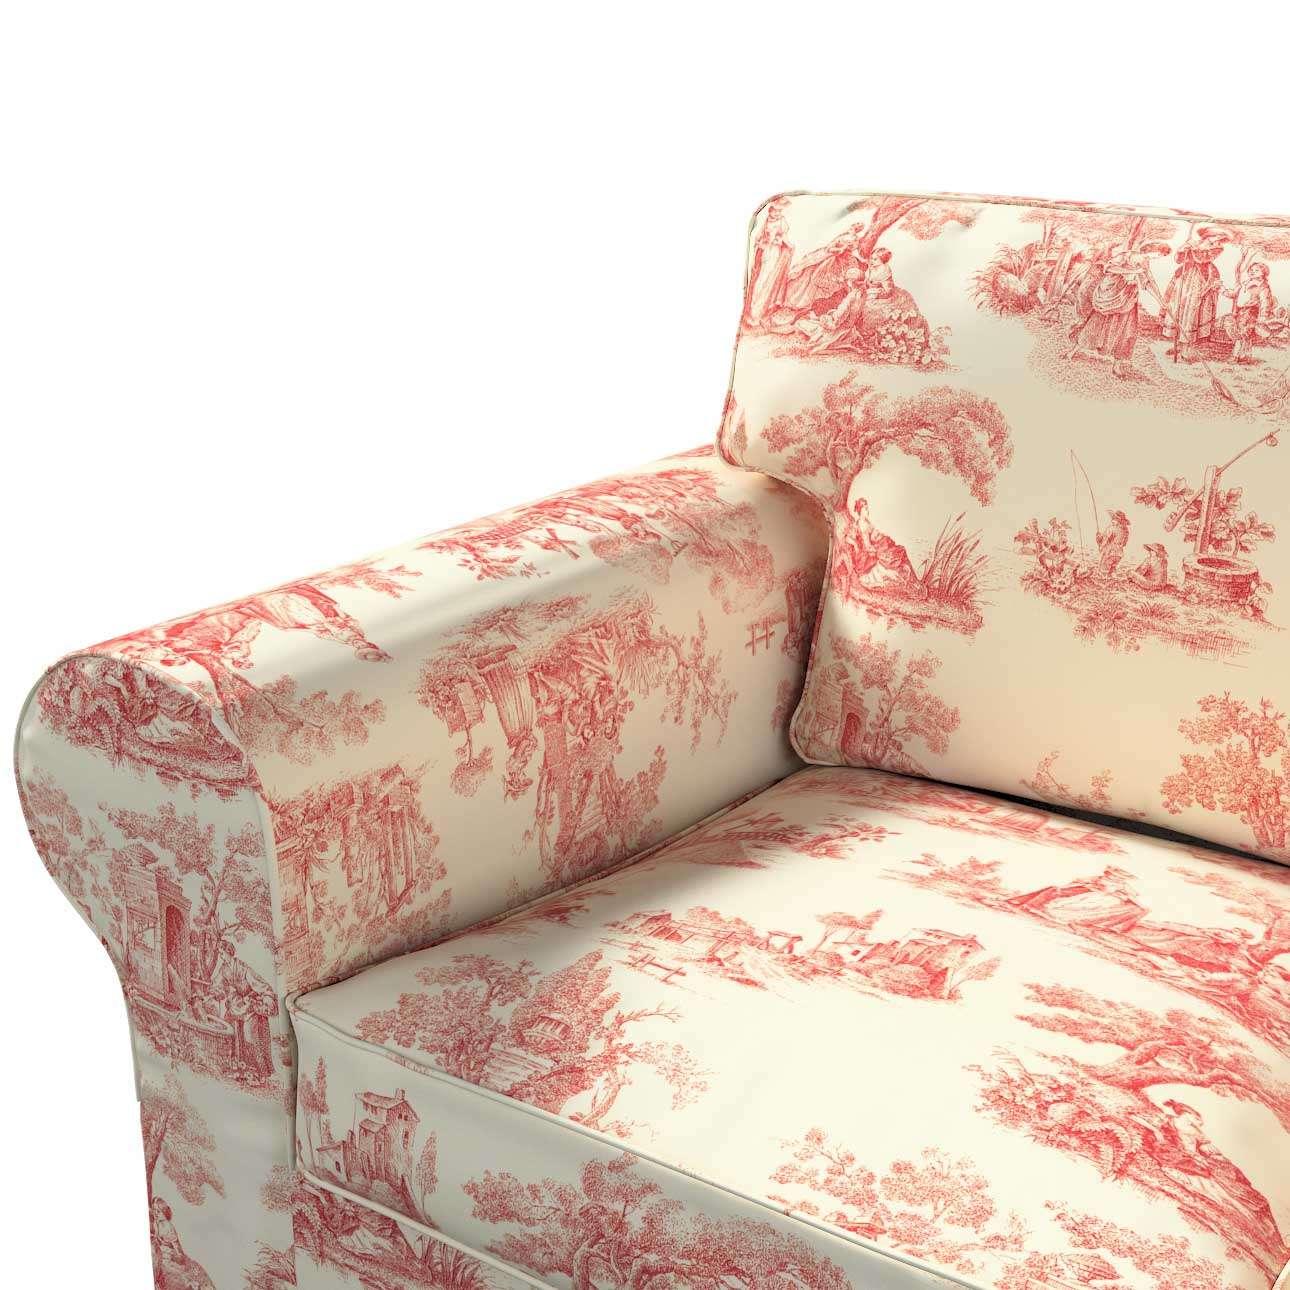 Pokrowiec na sofę Ektorp 3-osobową, rozkładaną STARY MODEL w kolekcji Avinon, tkanina: 132-15